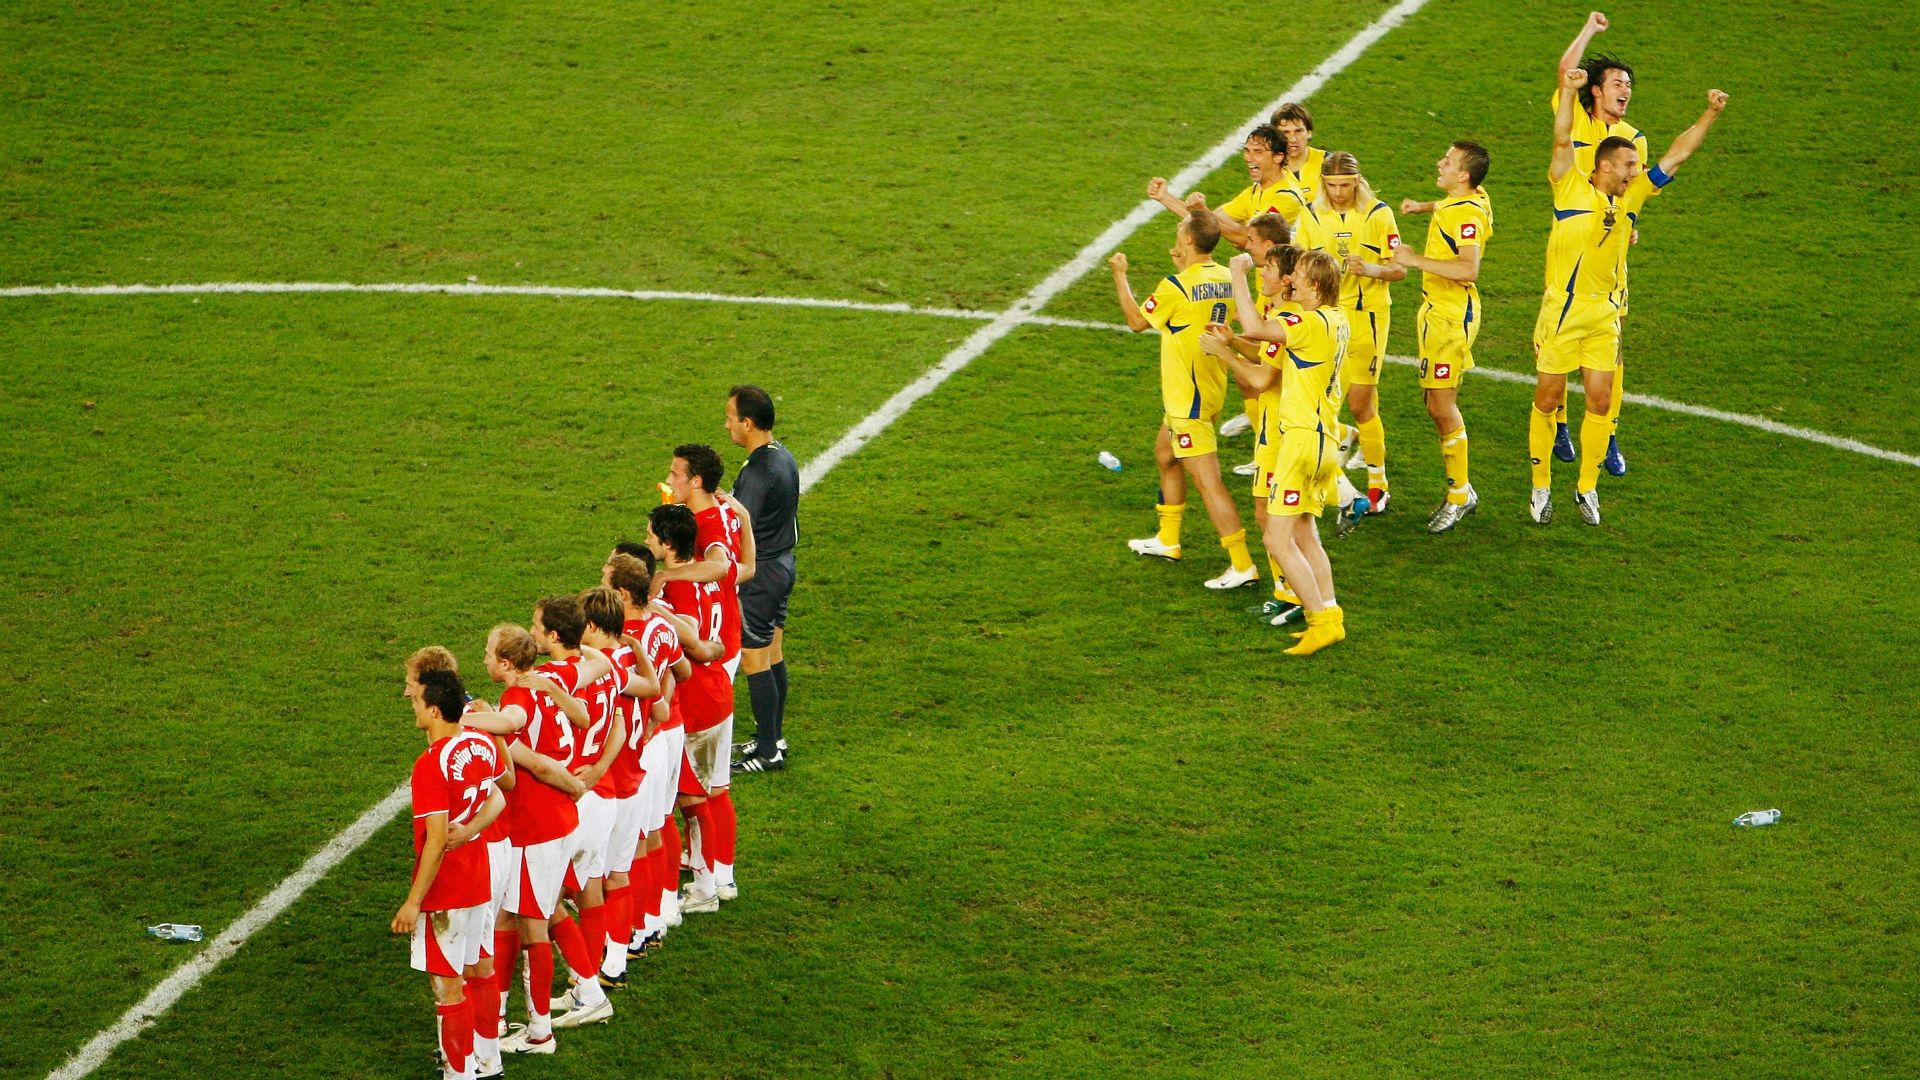 Финал чемпионата мира по футболу 2006 серия пенальти